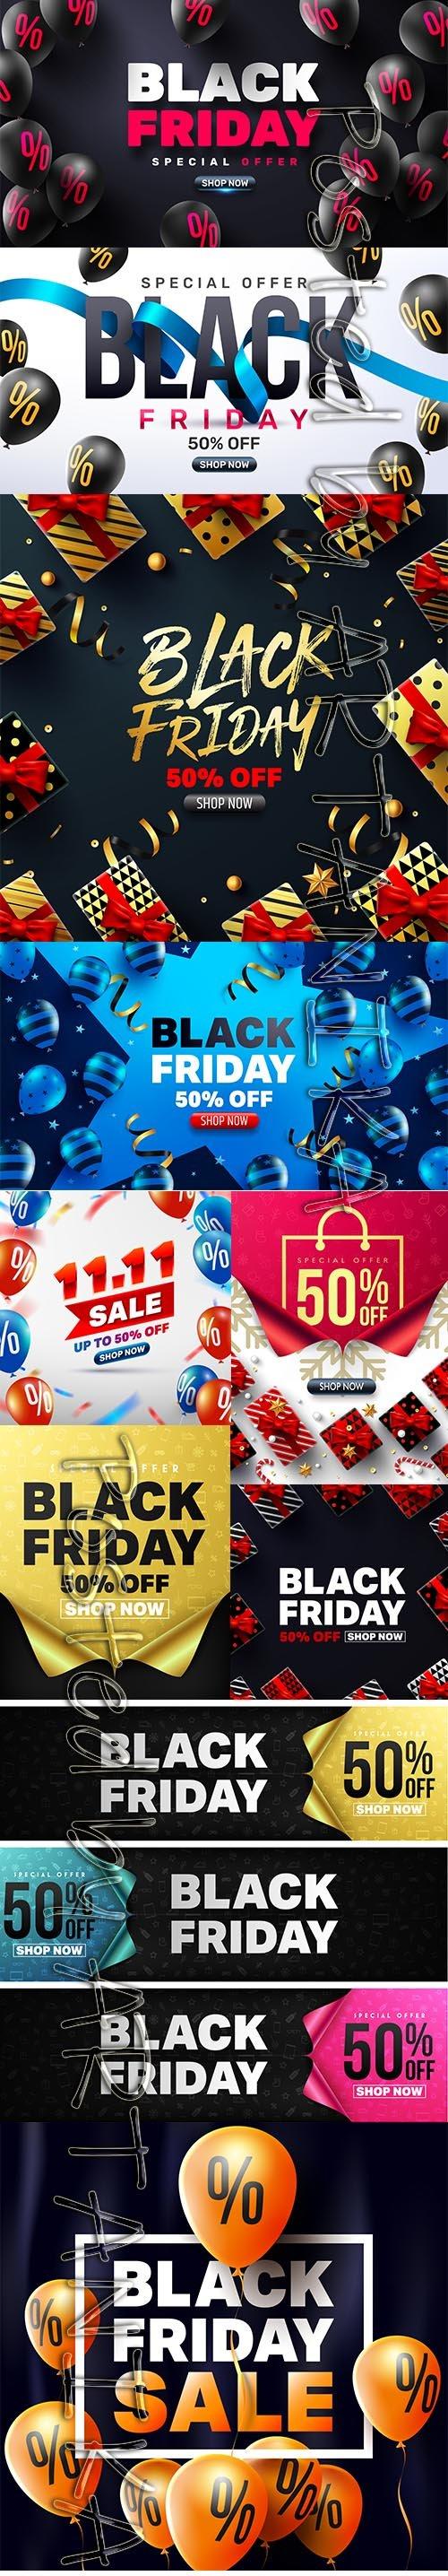 Black Friday Sale Banner Template Set Vol 3